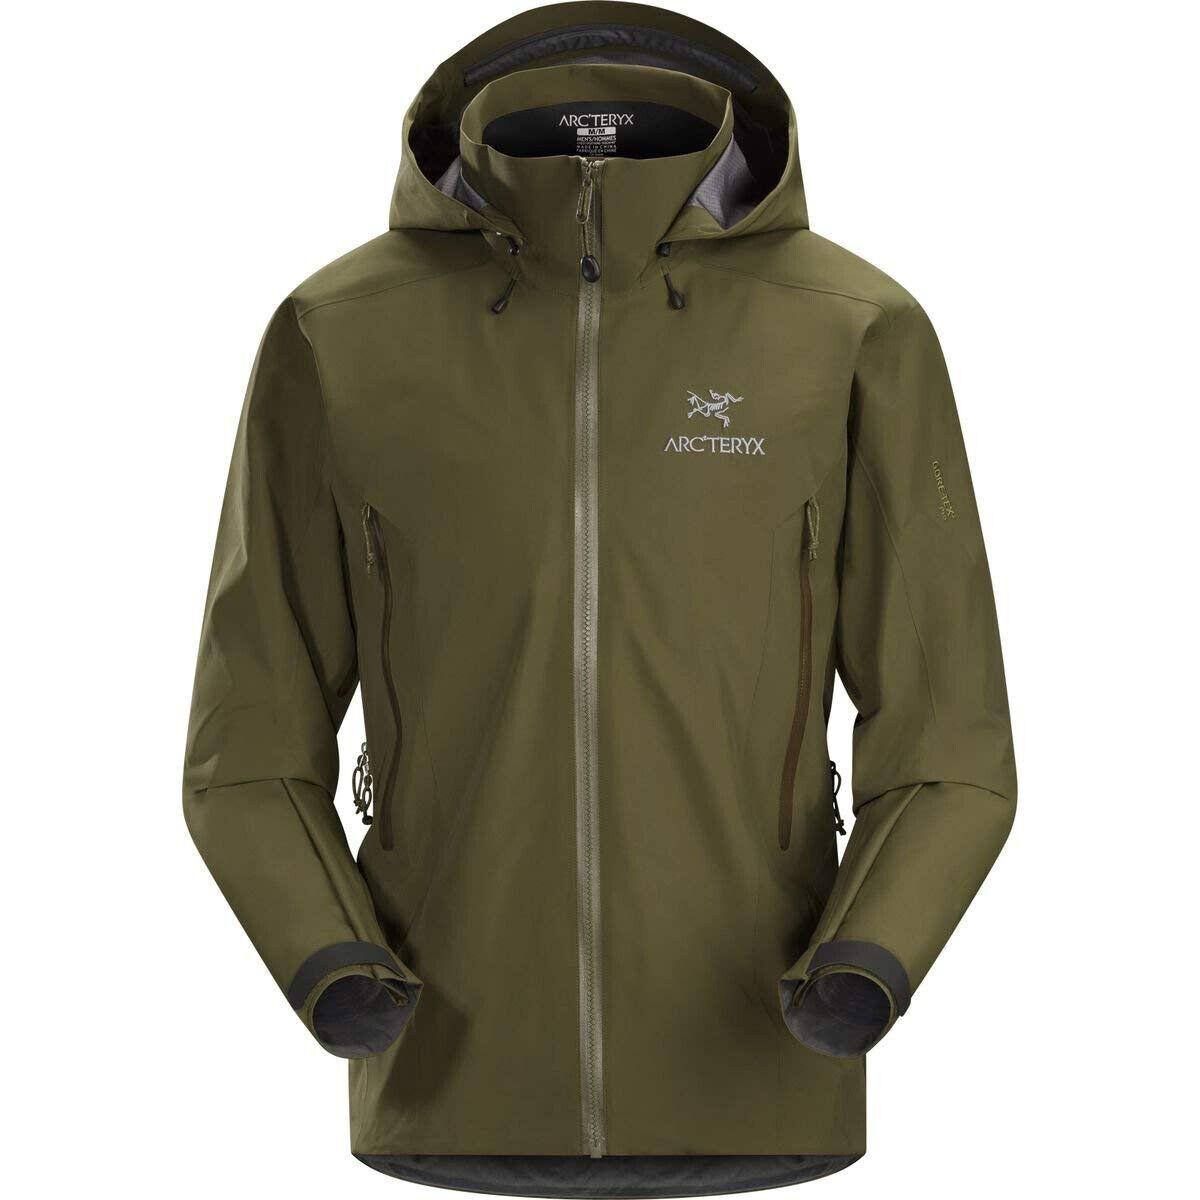 Arc'teryx Beta AR Jacket men, GORE-TEX® Pro, Dark Moss, Größe M,